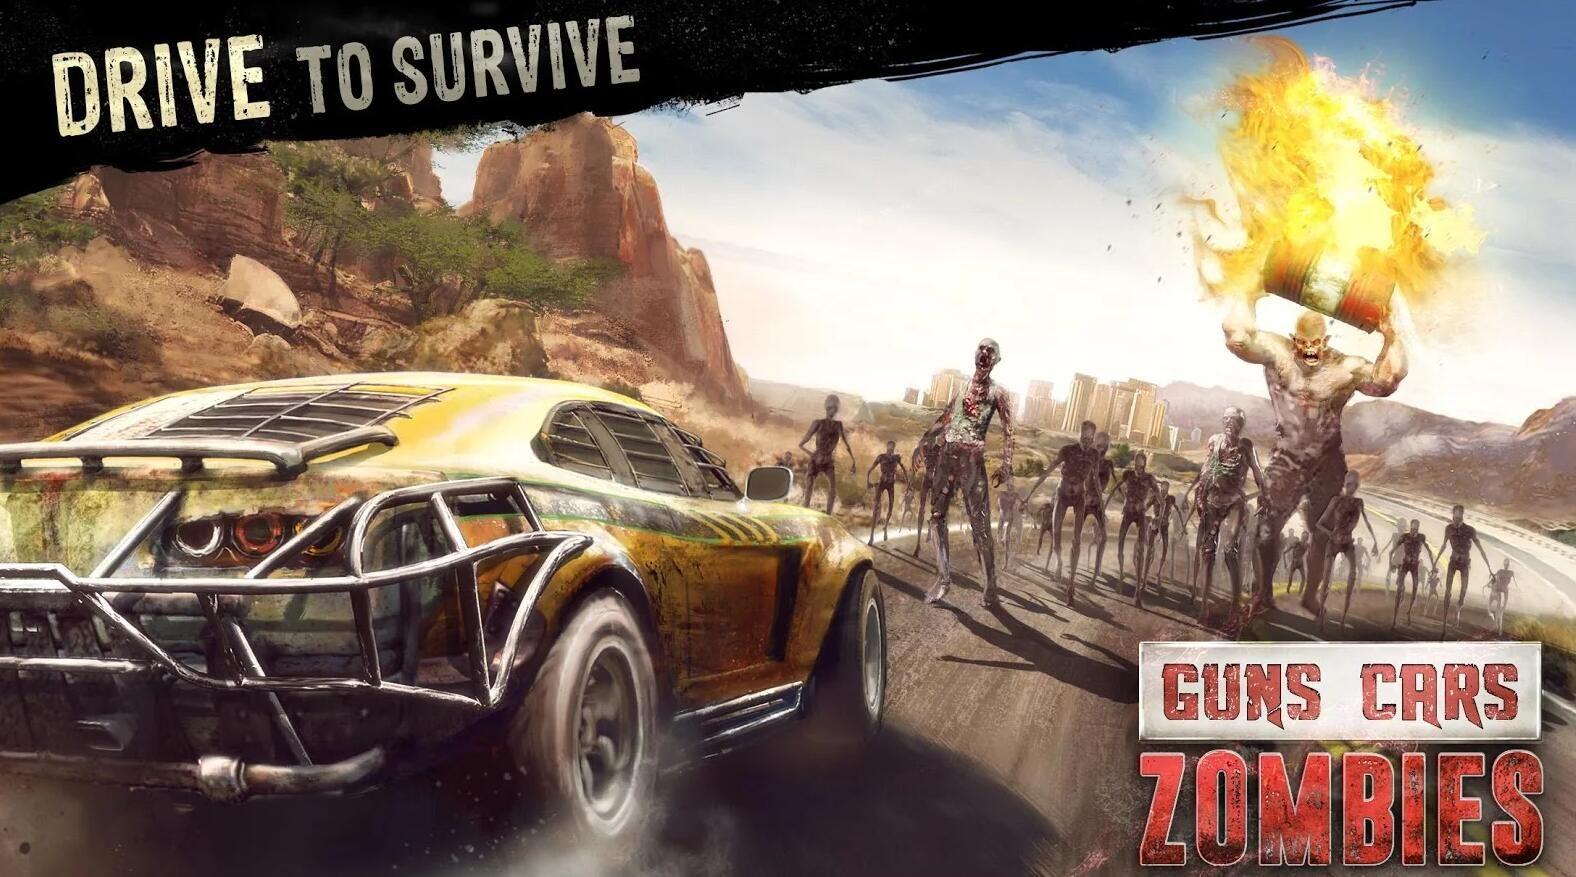 僵尸碾压者安卓官方版游戏下载(Guns Cars and Zombies)图1: